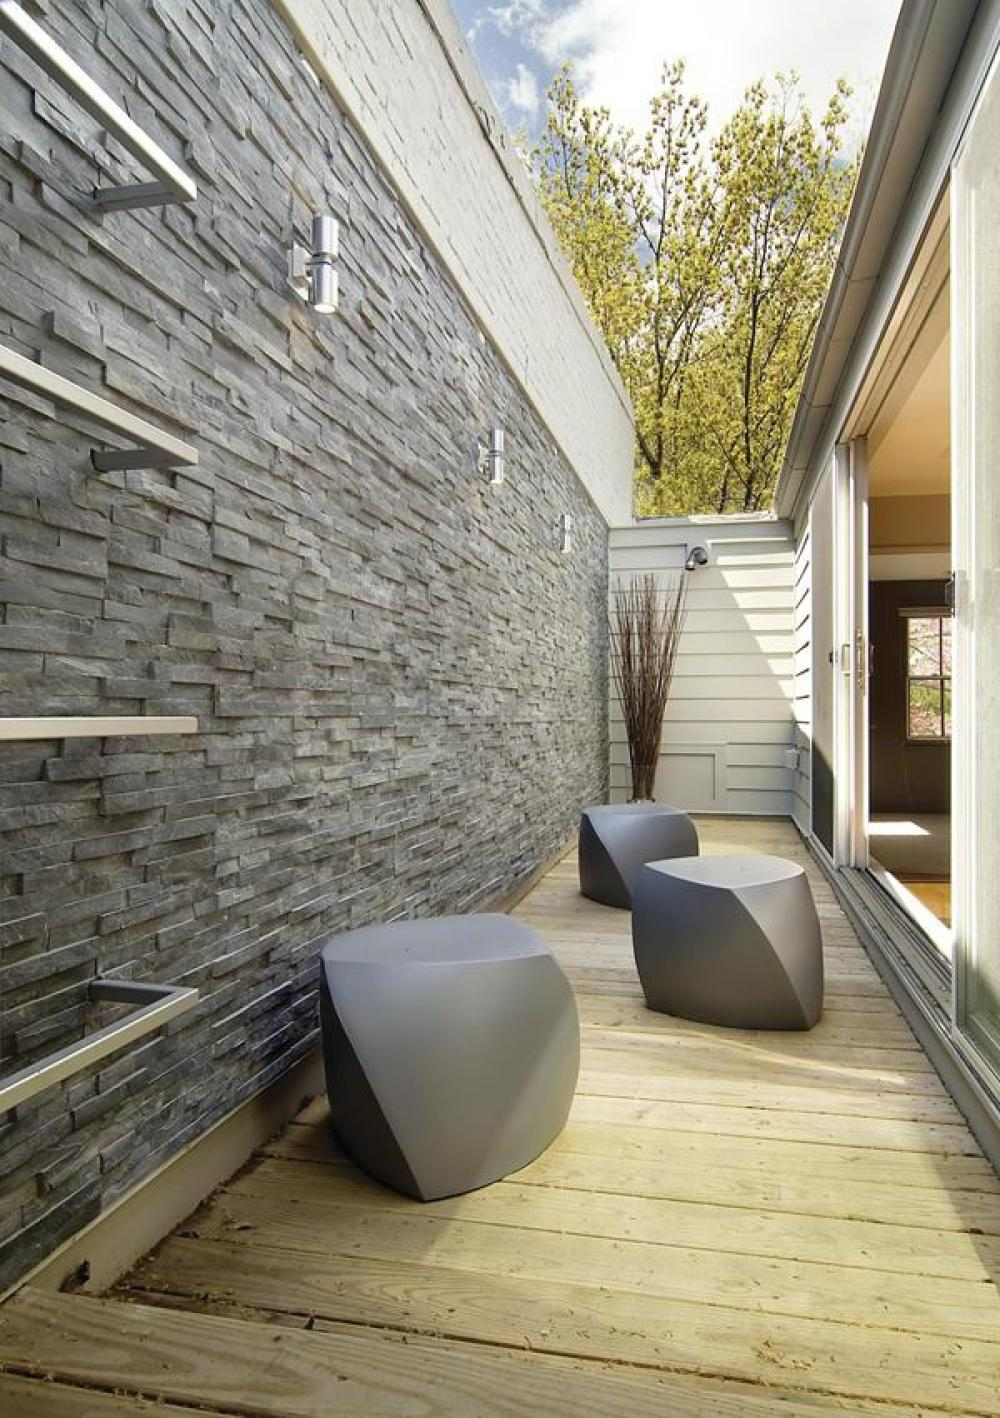 Finta pietra geopietra o pietra naturale - Finta pietra per esterno ...